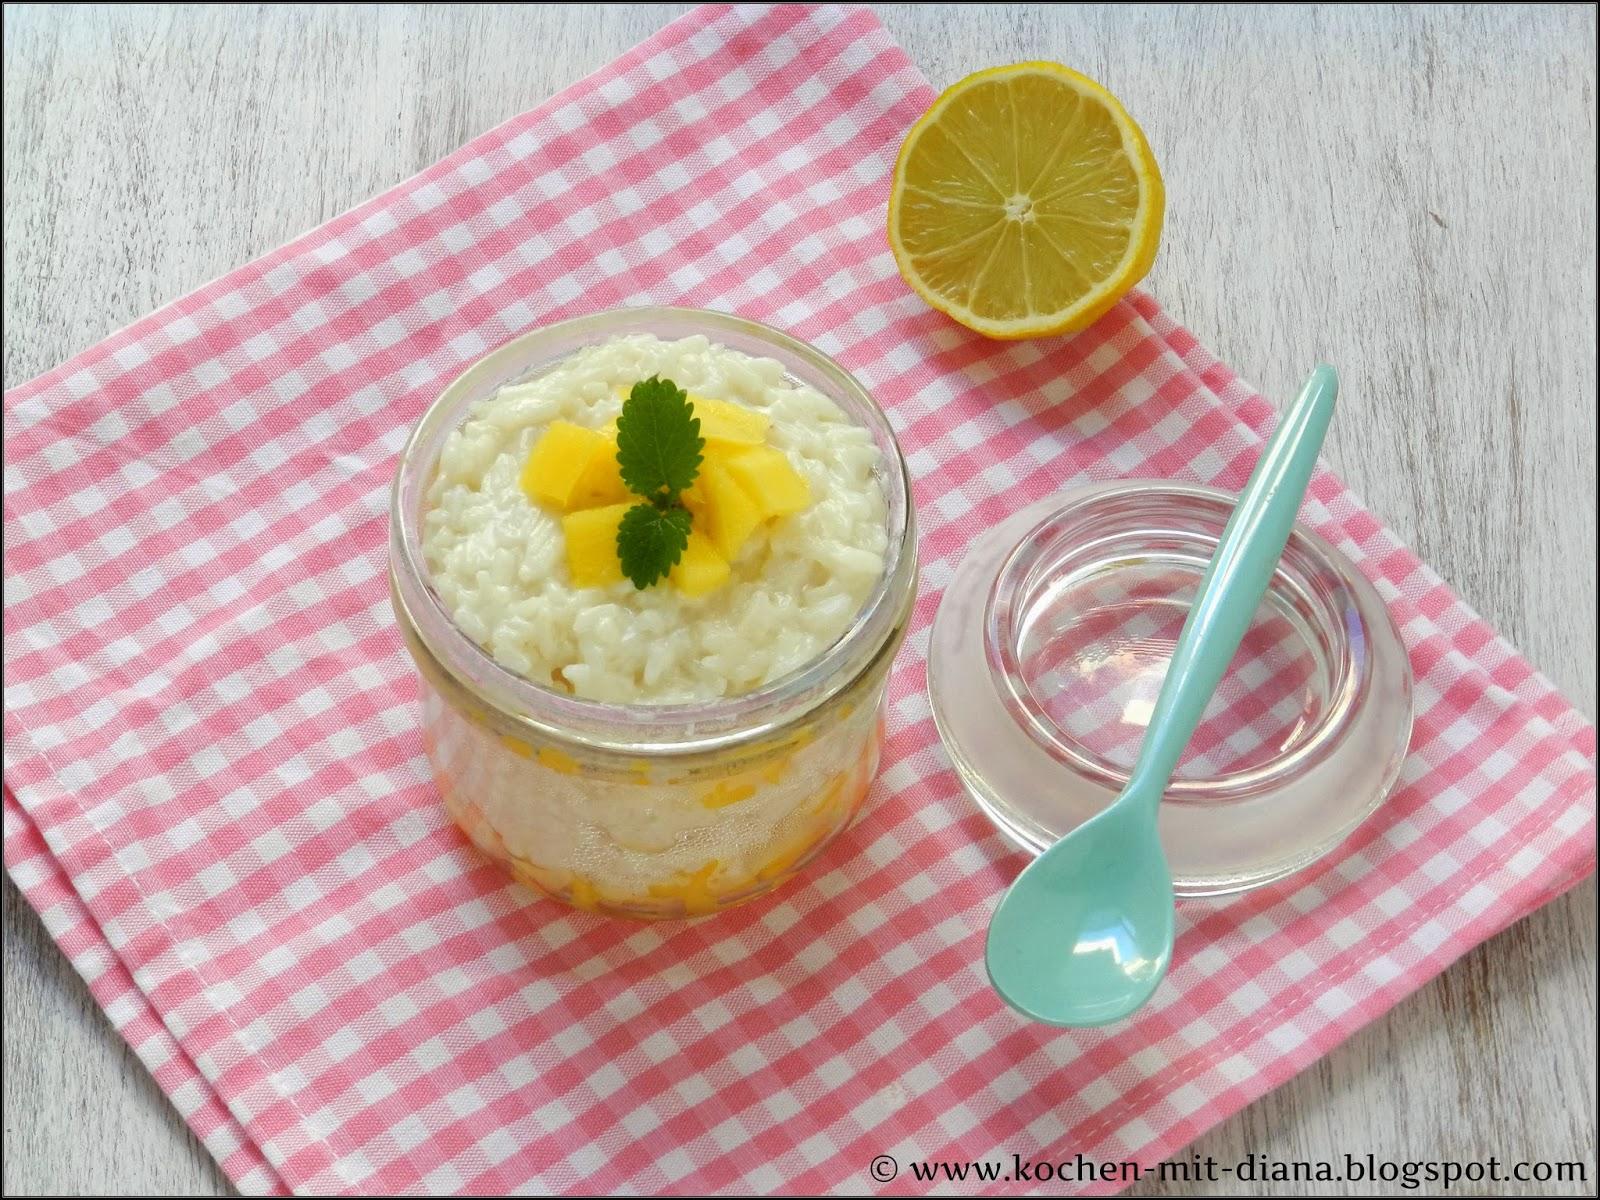 Kokos-Milchreis mit Mango und Limette